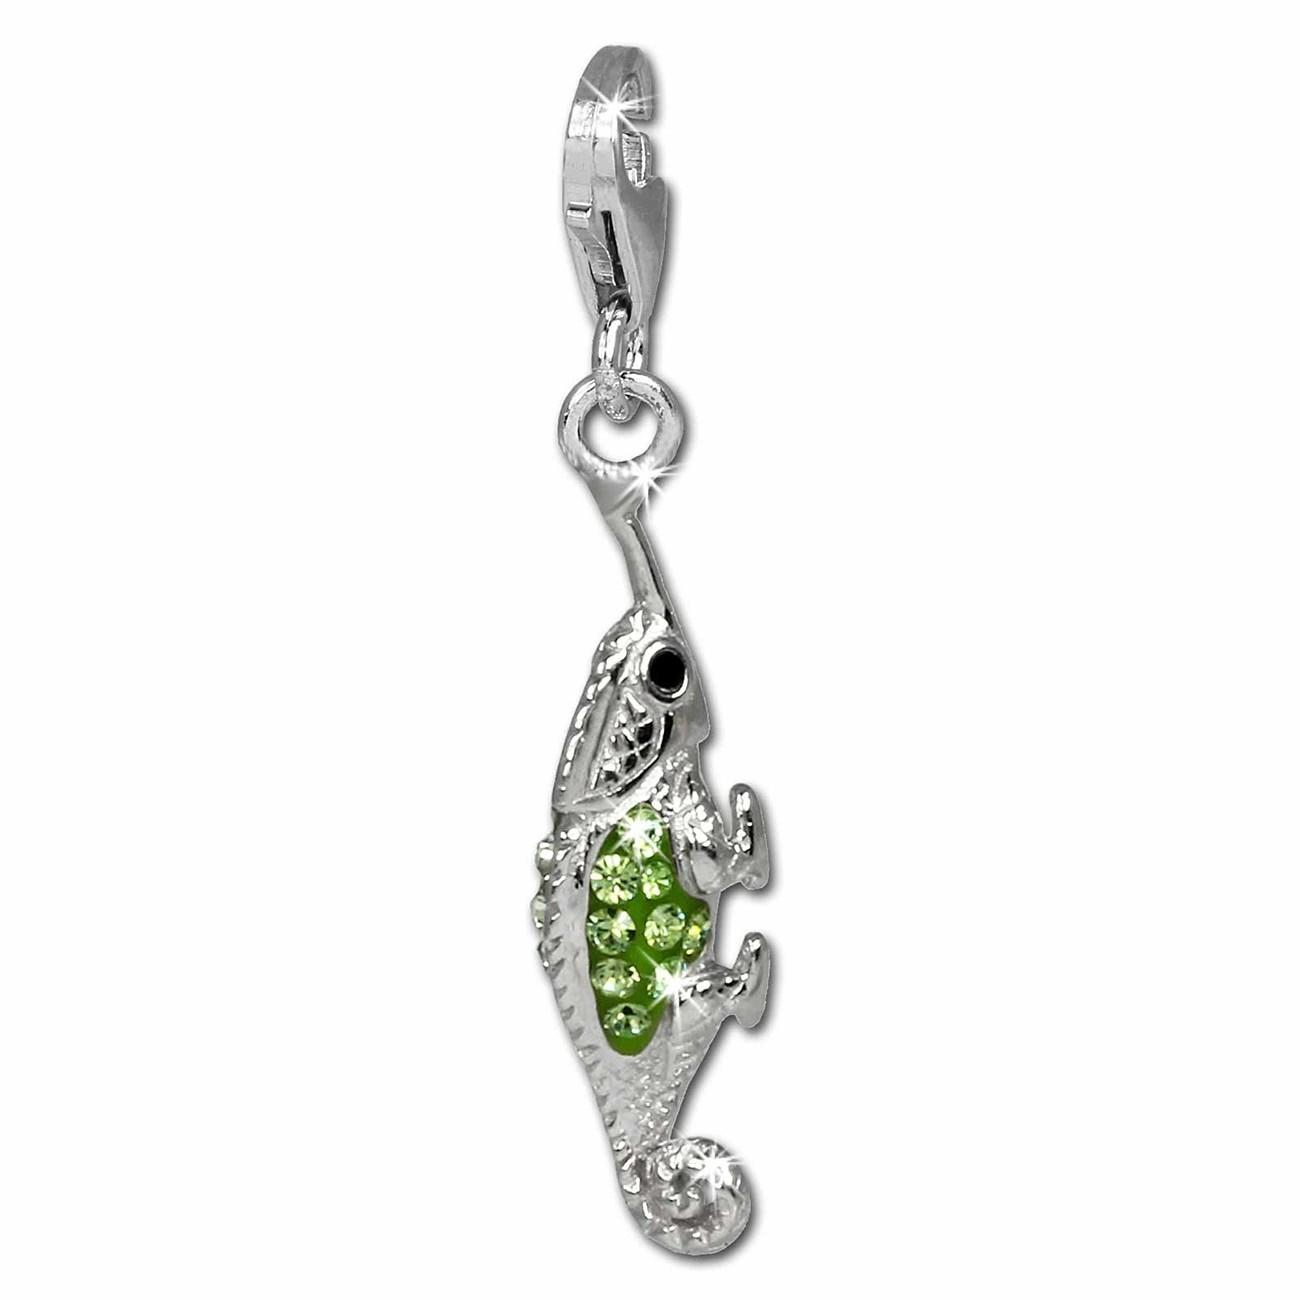 SilberDream Glitzer Charm Leguan grün Zirkonia Kristalle 925er GSC535L